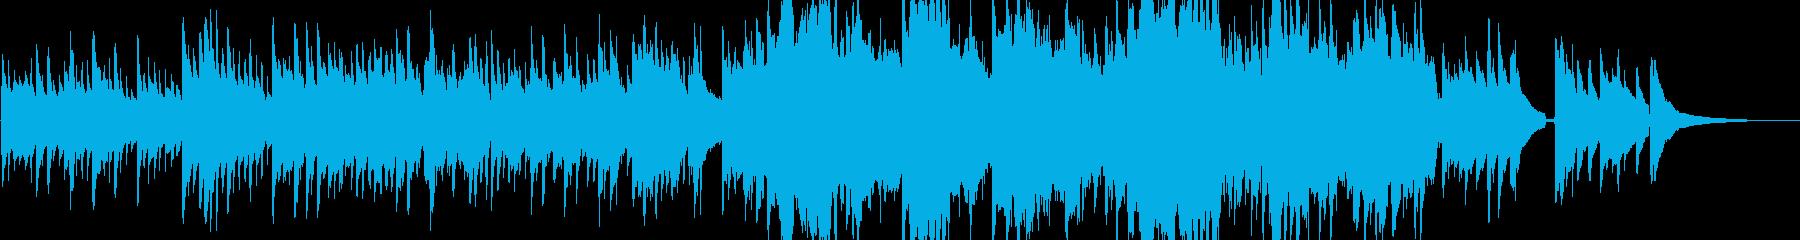 企業VP13 16bit48kHzVerの再生済みの波形